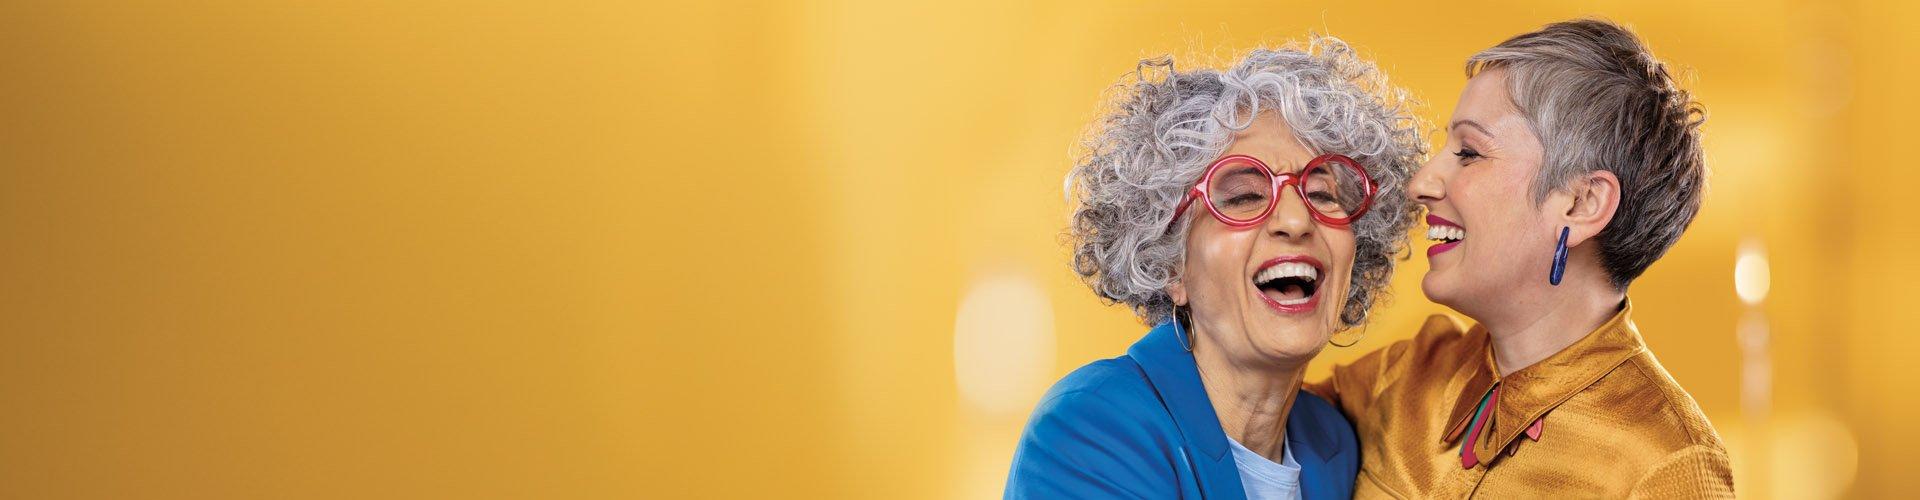 Zwei Frauen, die miteinander verbunden sind. Philips Hearing Solutions helfen besser zu hören. Und sich bestens zu verbinden.